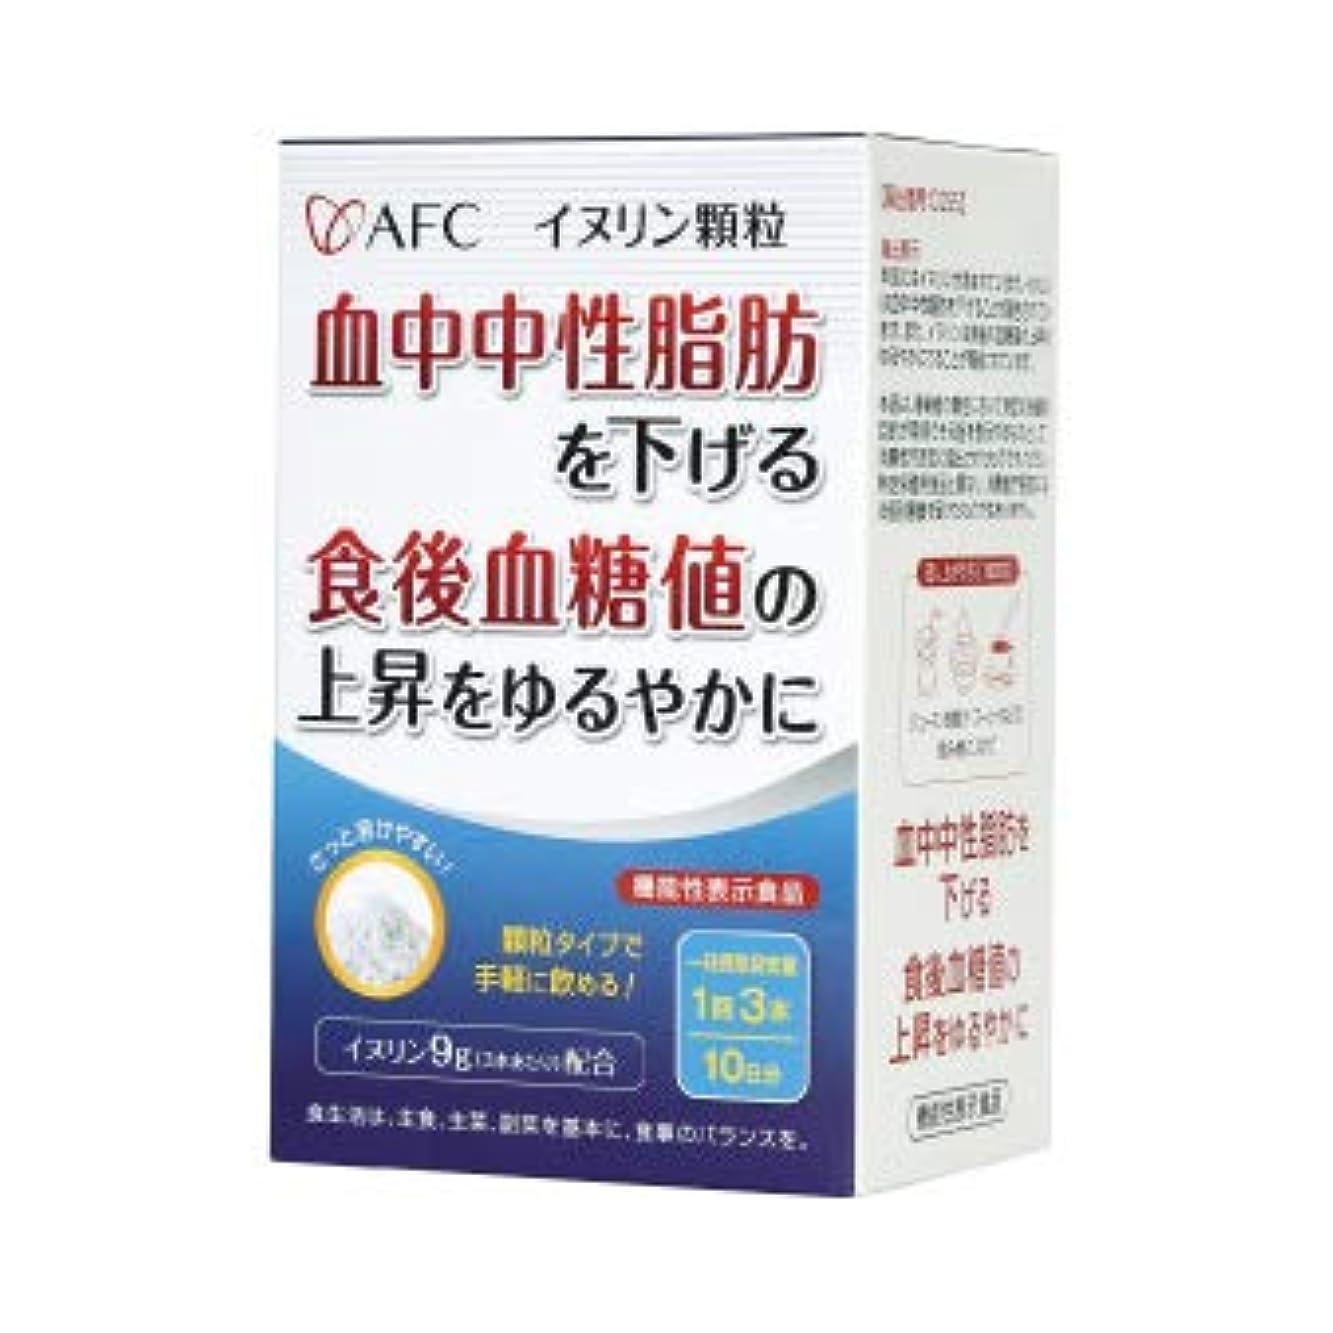 新しさ兄弟愛潮【AFC公式ショップ】[機能性表示食品]イヌリン 10日分